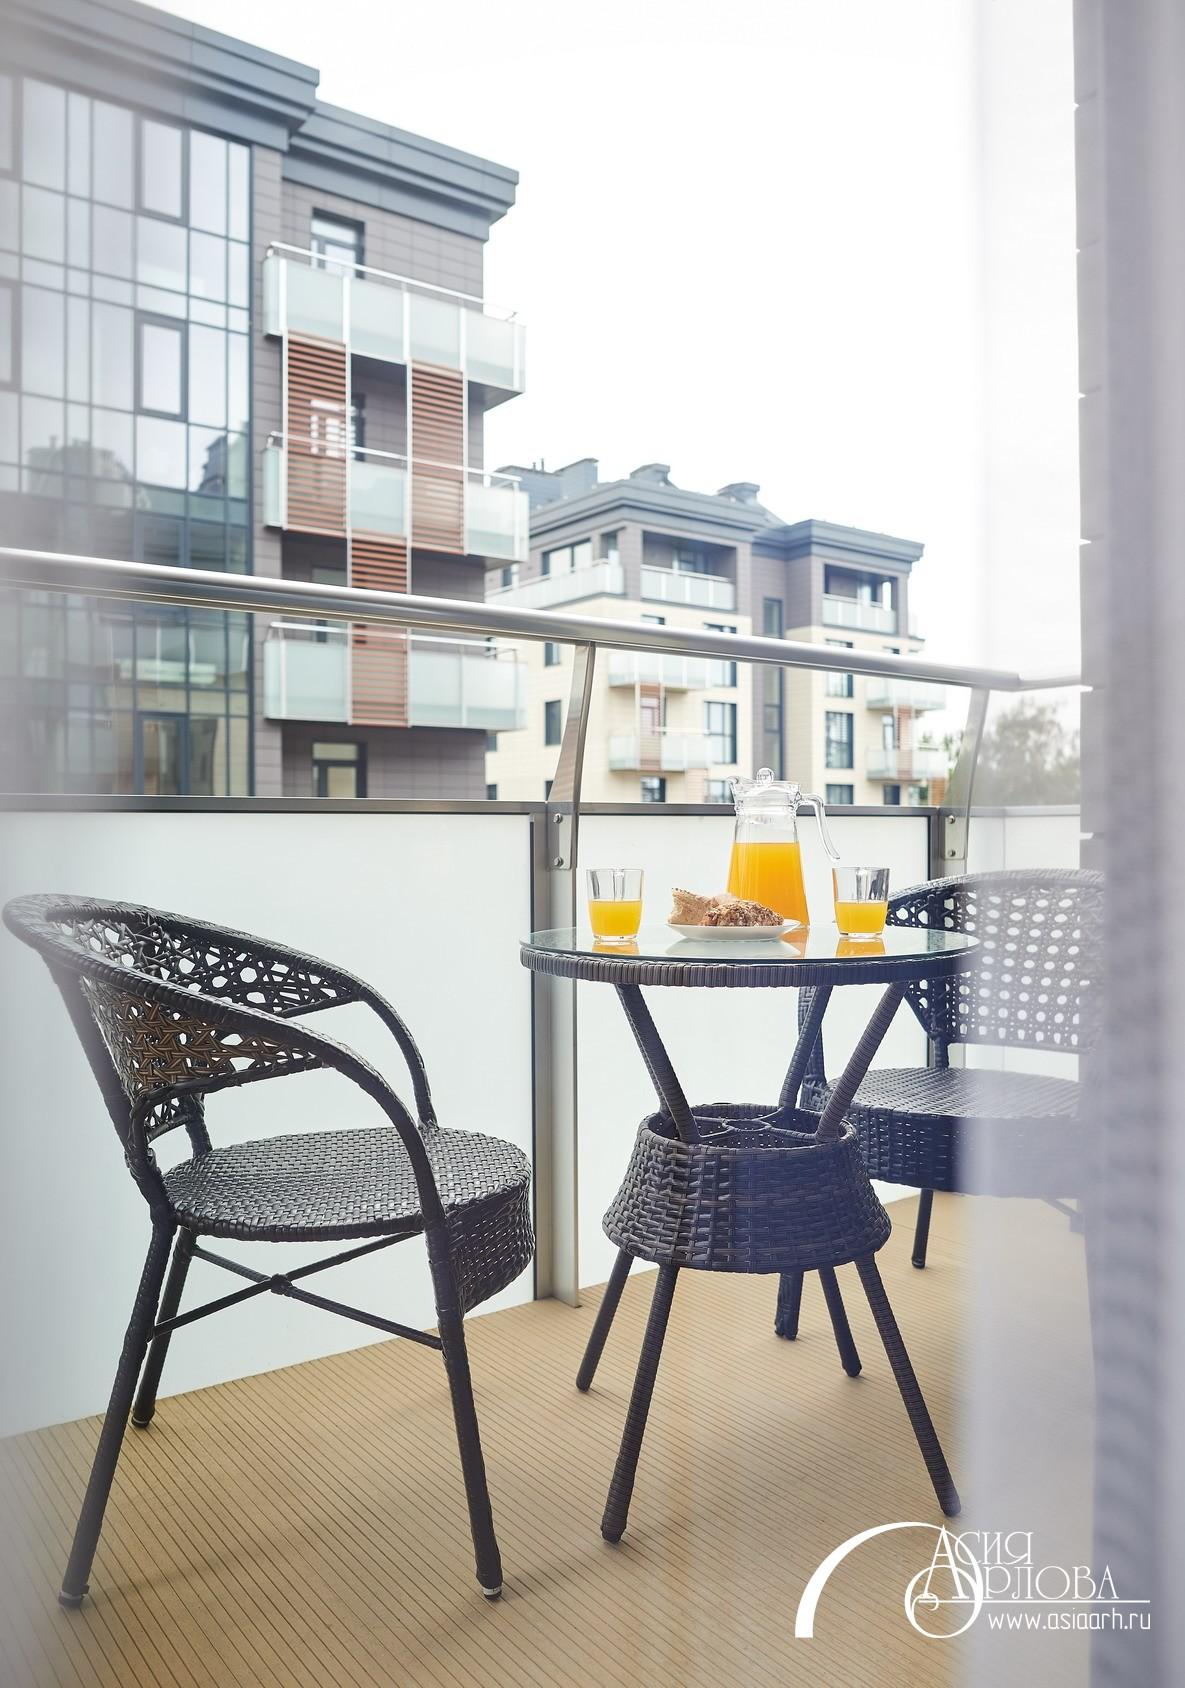 Дизайн интерьера квартира с видом на Балтику